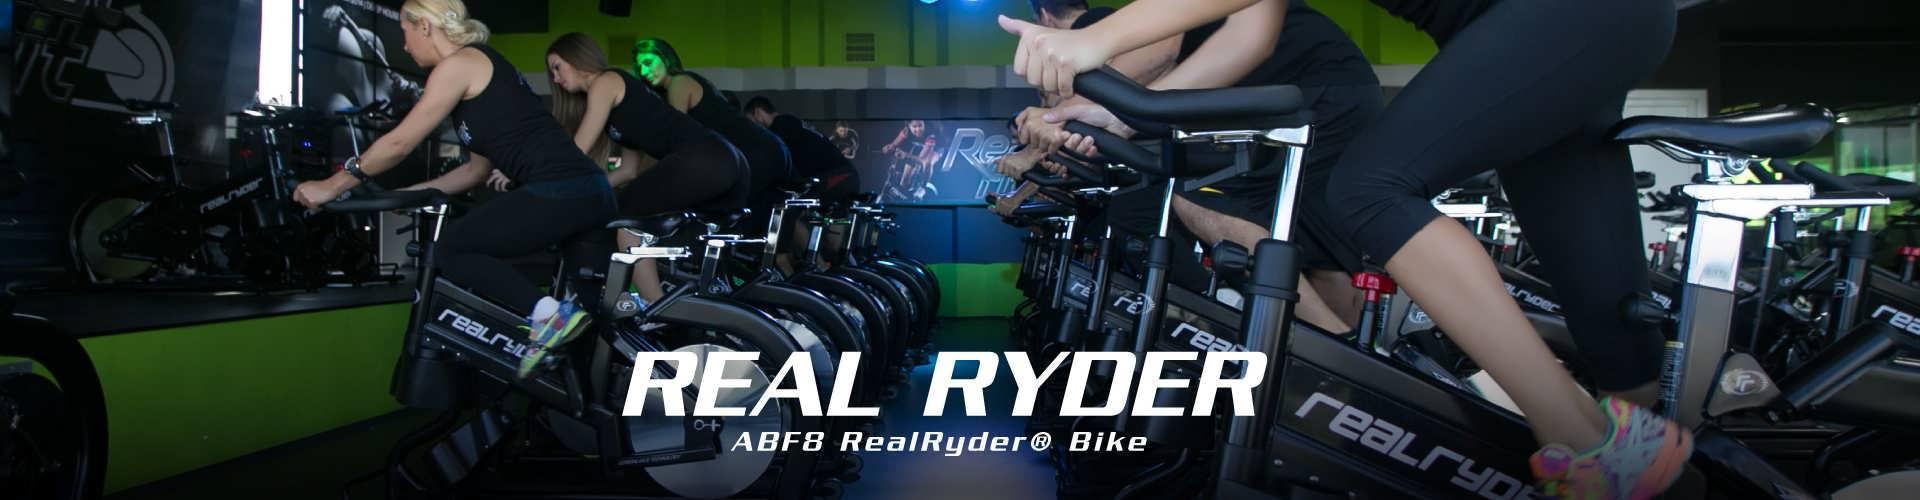 Real Ryder